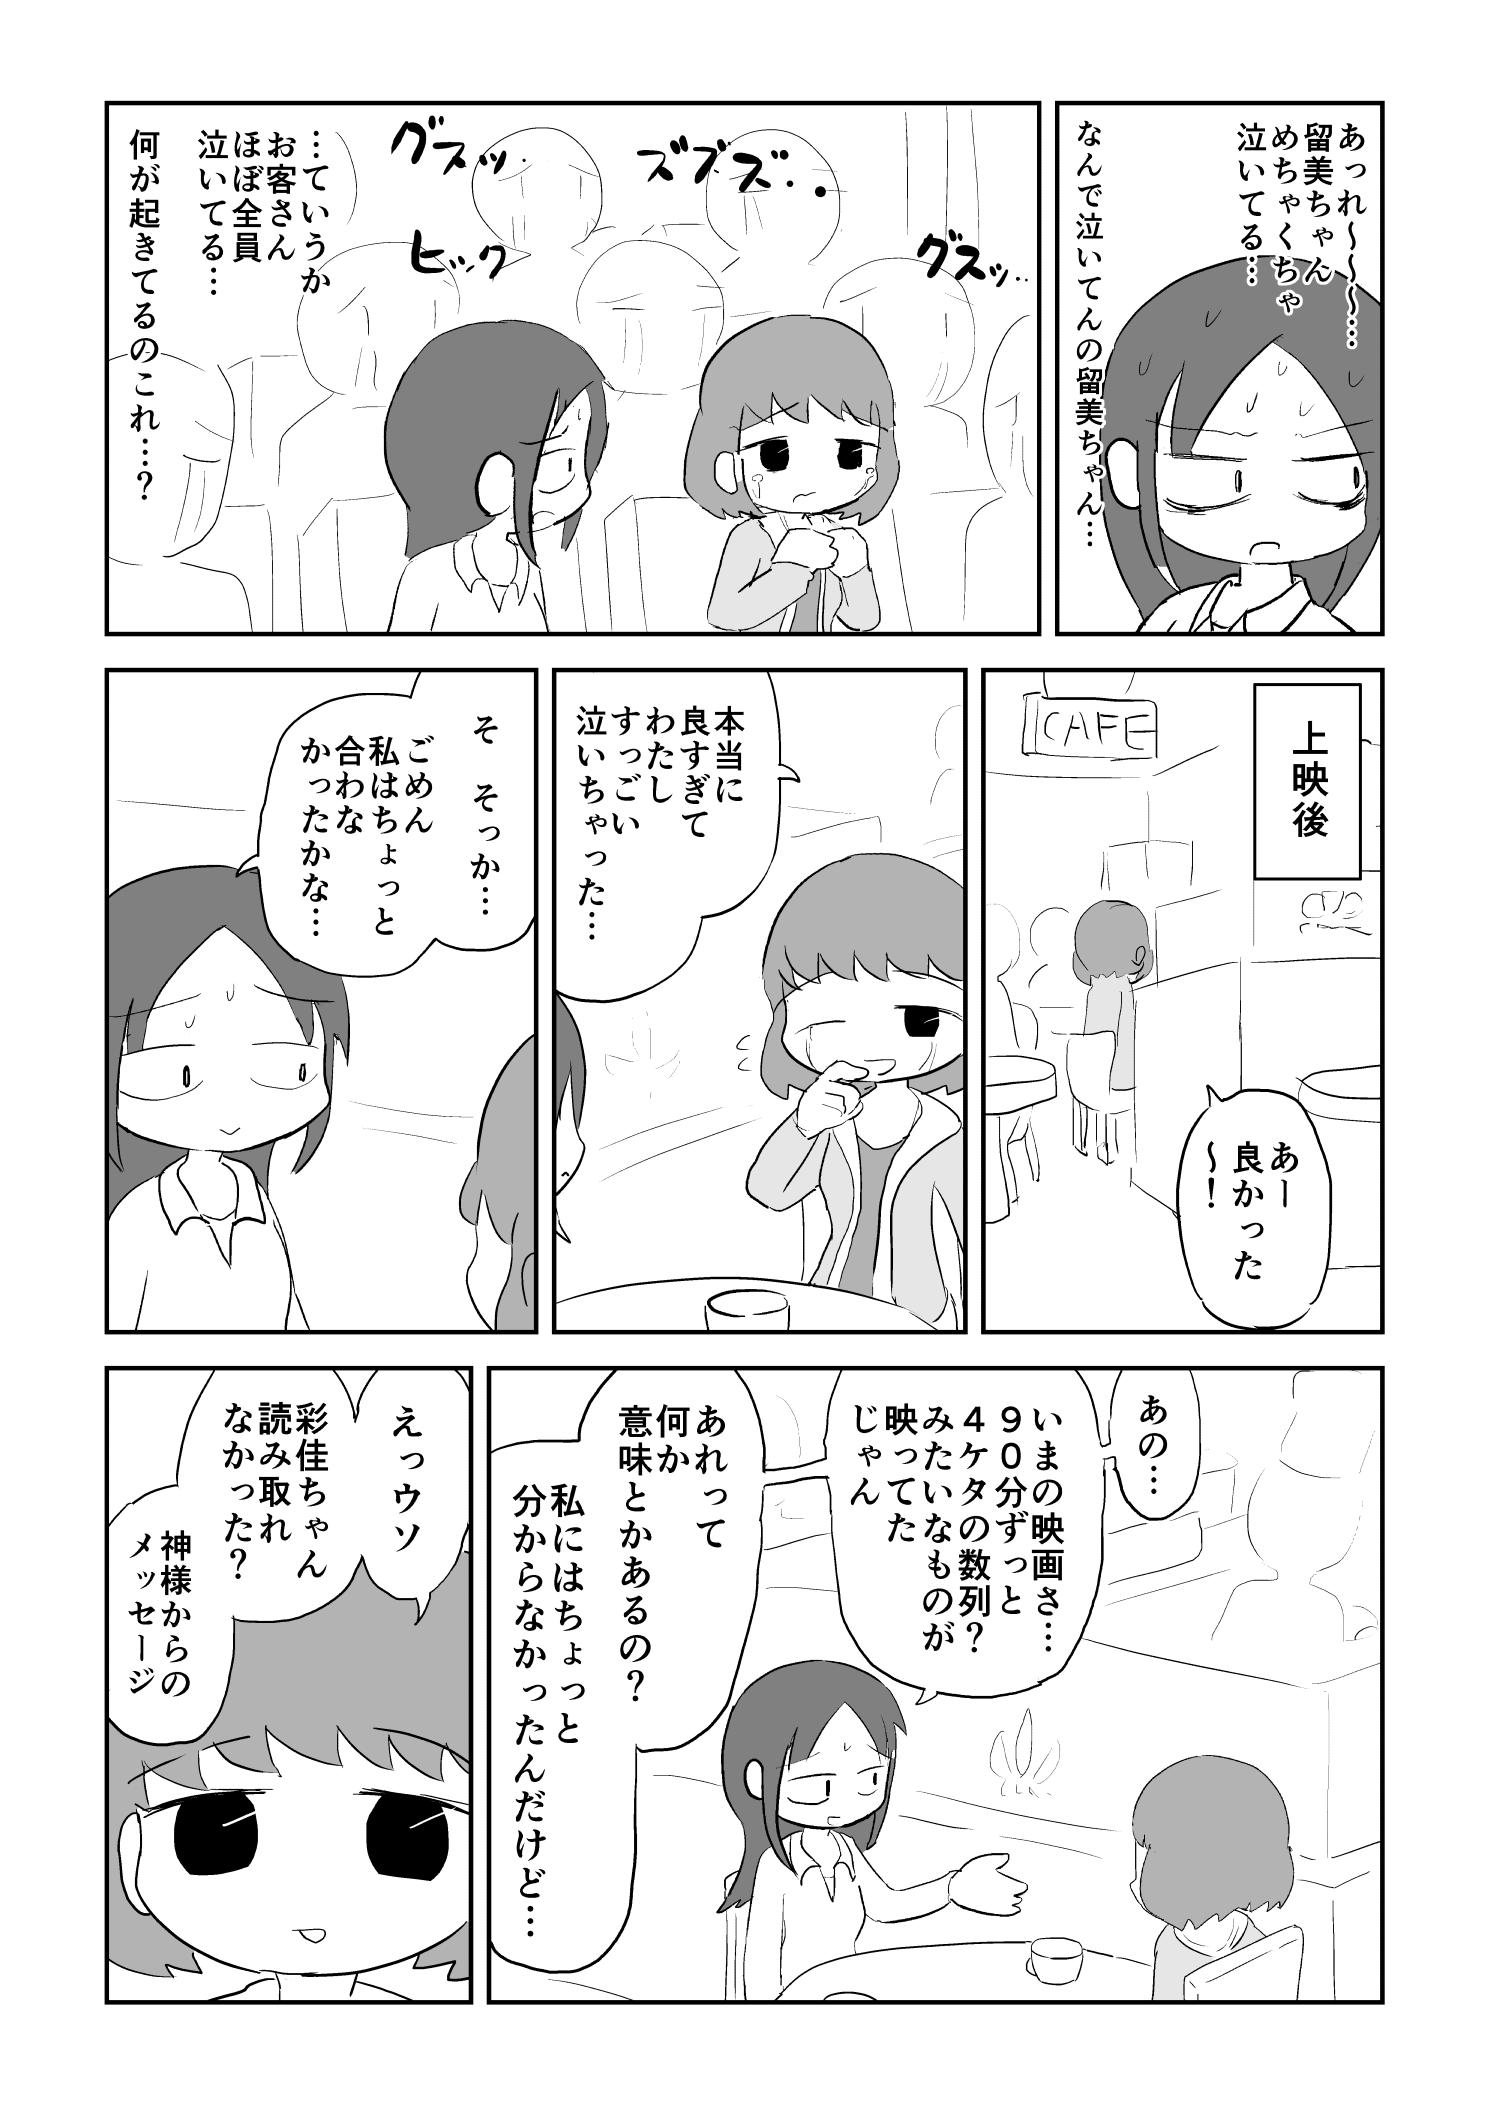 ラスタライズ神様_003